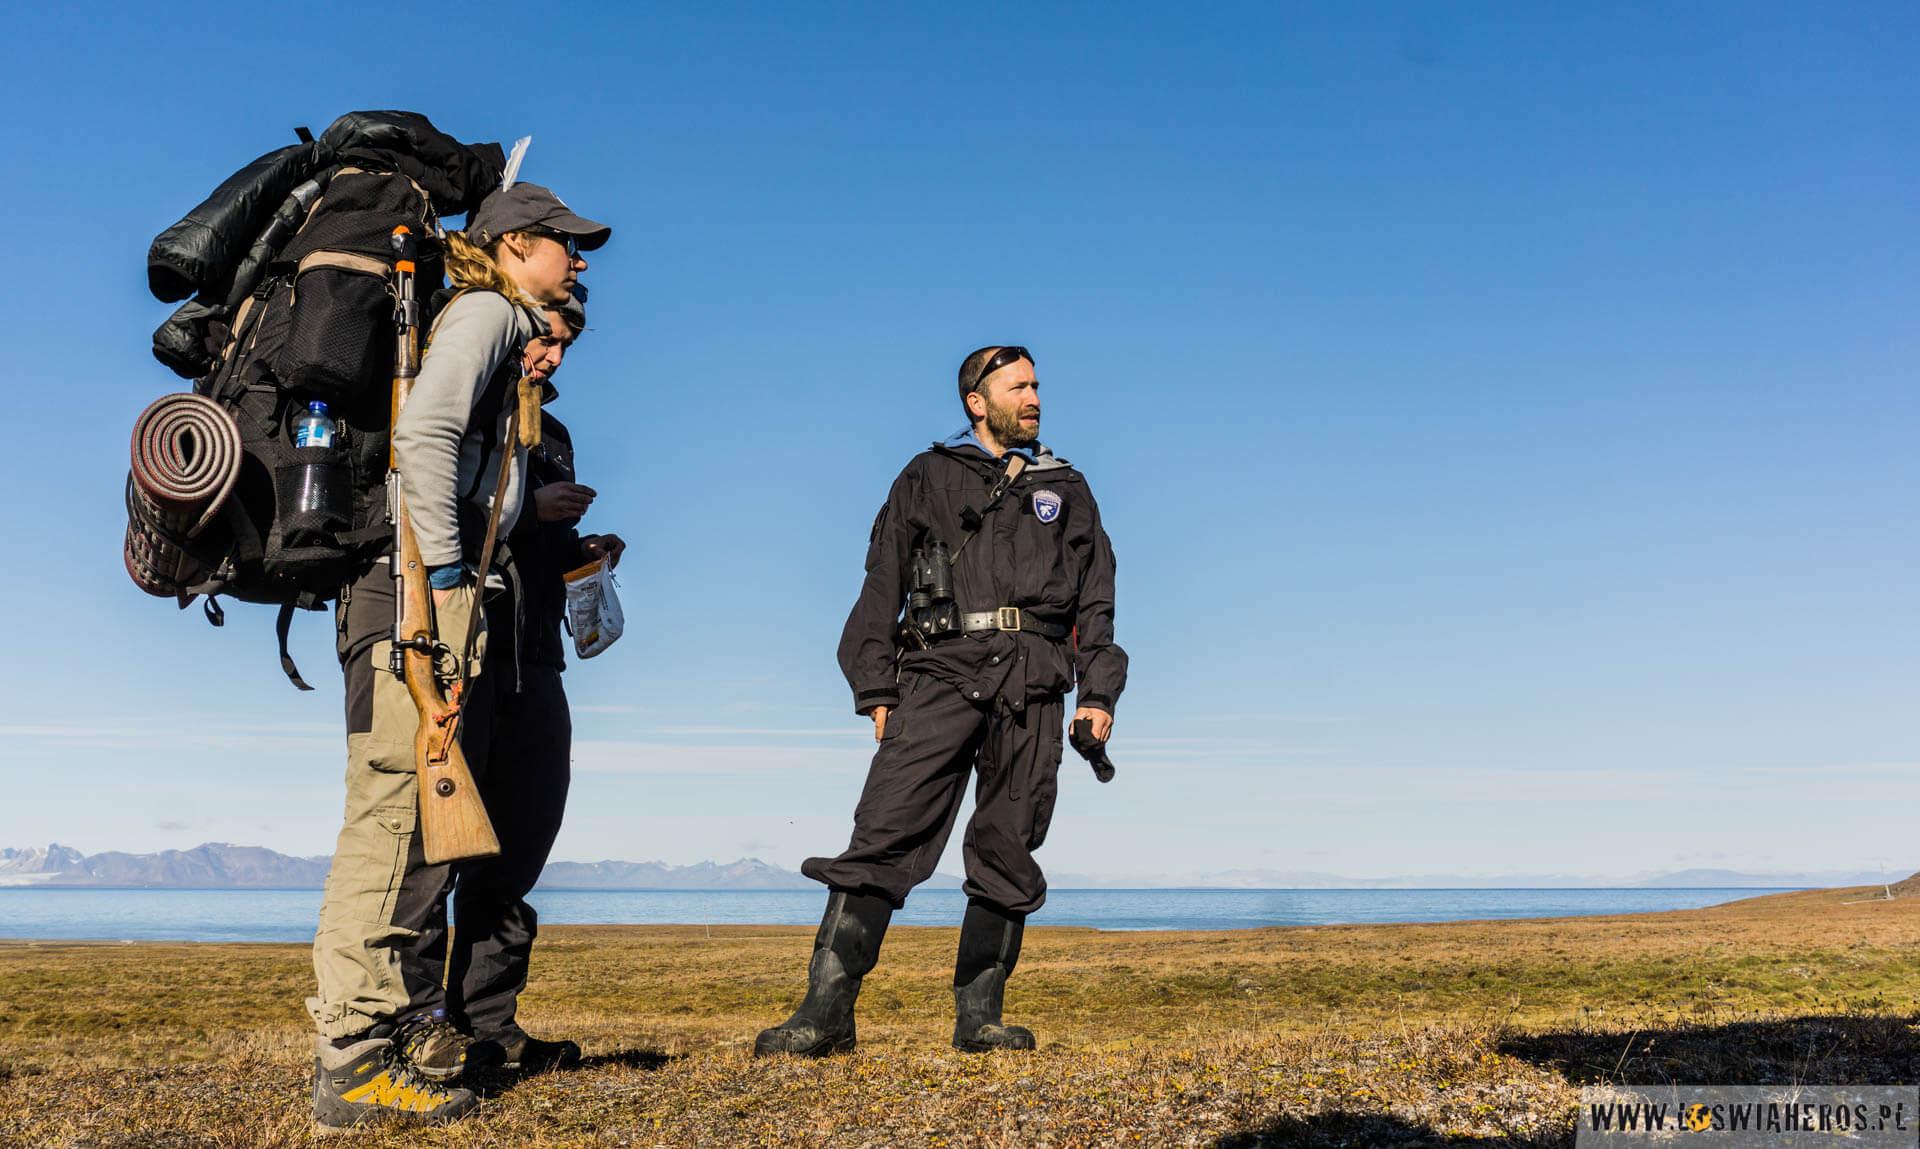 Rutynowa kontrola naszej grupy przezstrażnika Svalbardu.